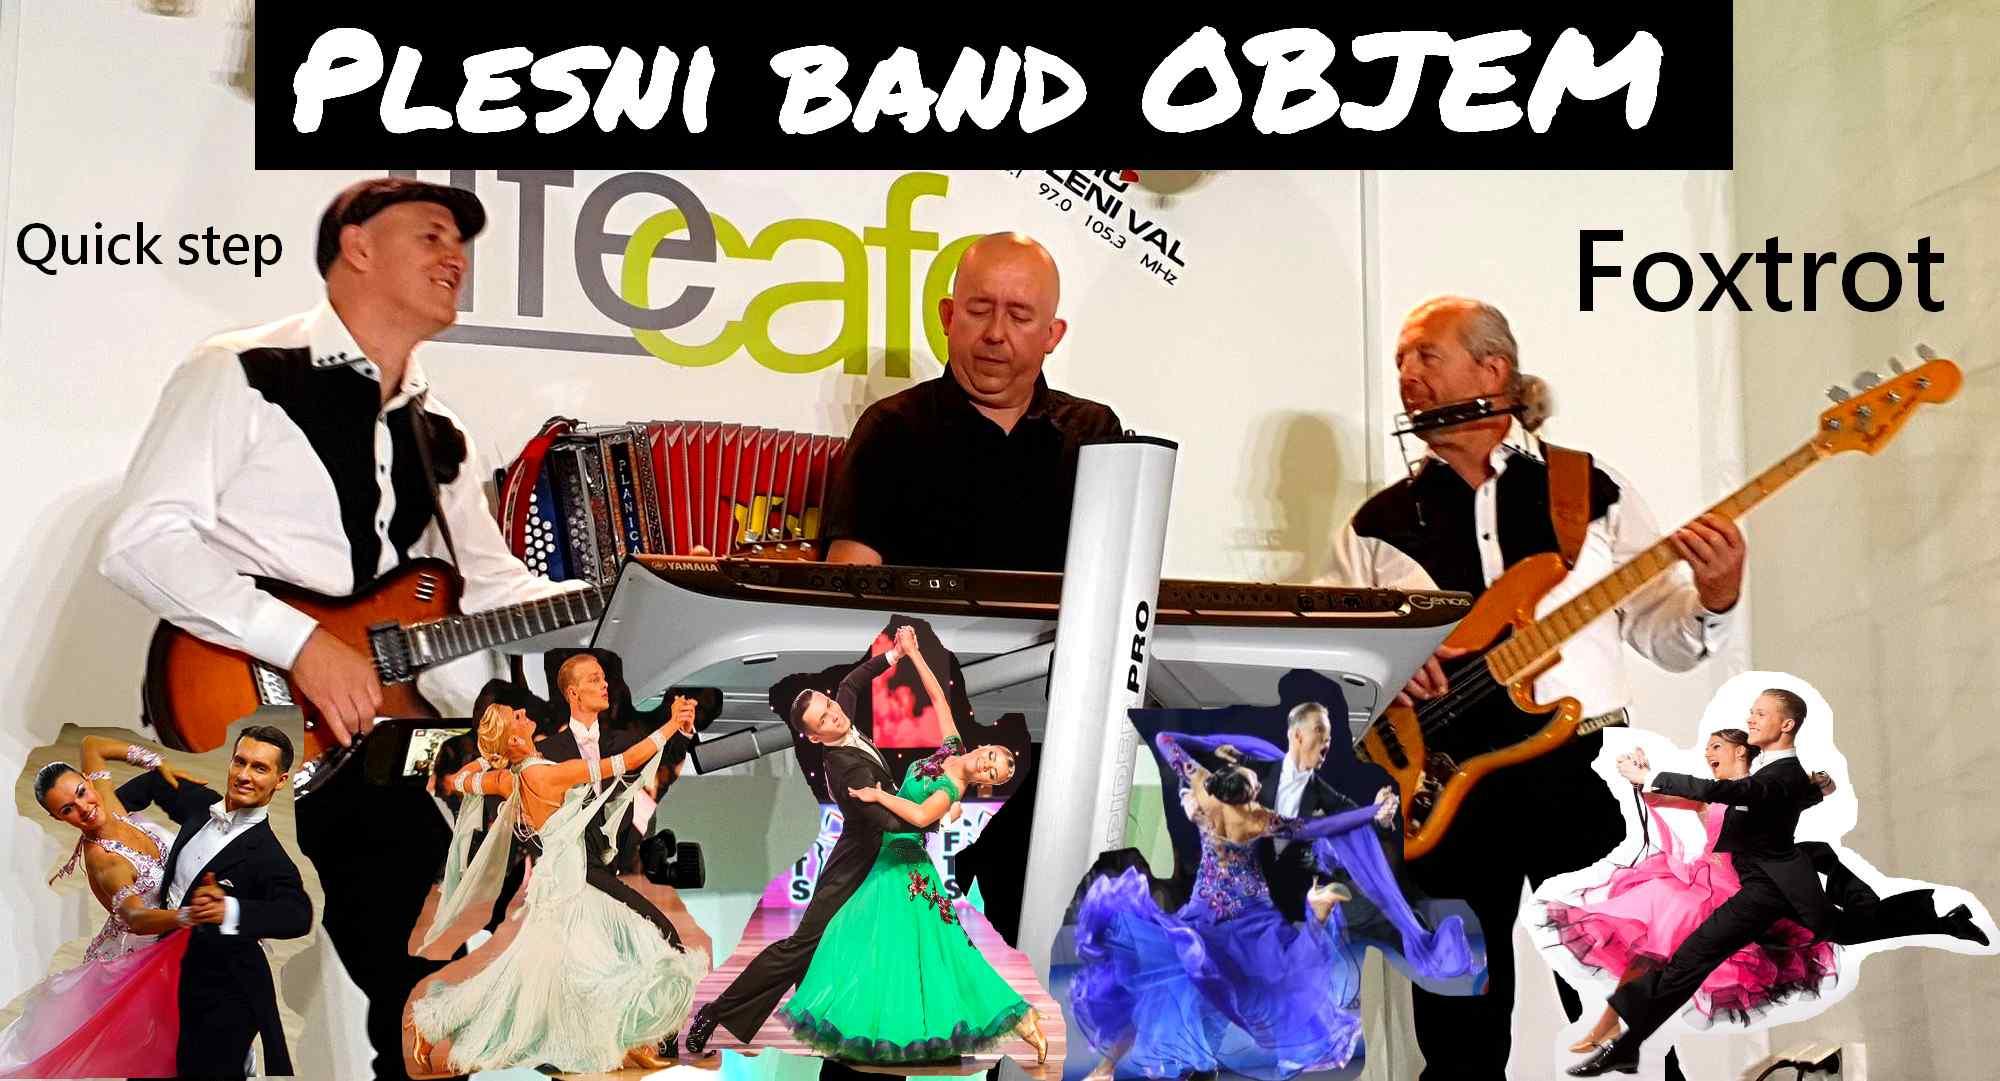 Foxtrot quick step ples glasba pesmi za rojstni dan poroko zabavo plesni večer abrahama praznovanje valeto